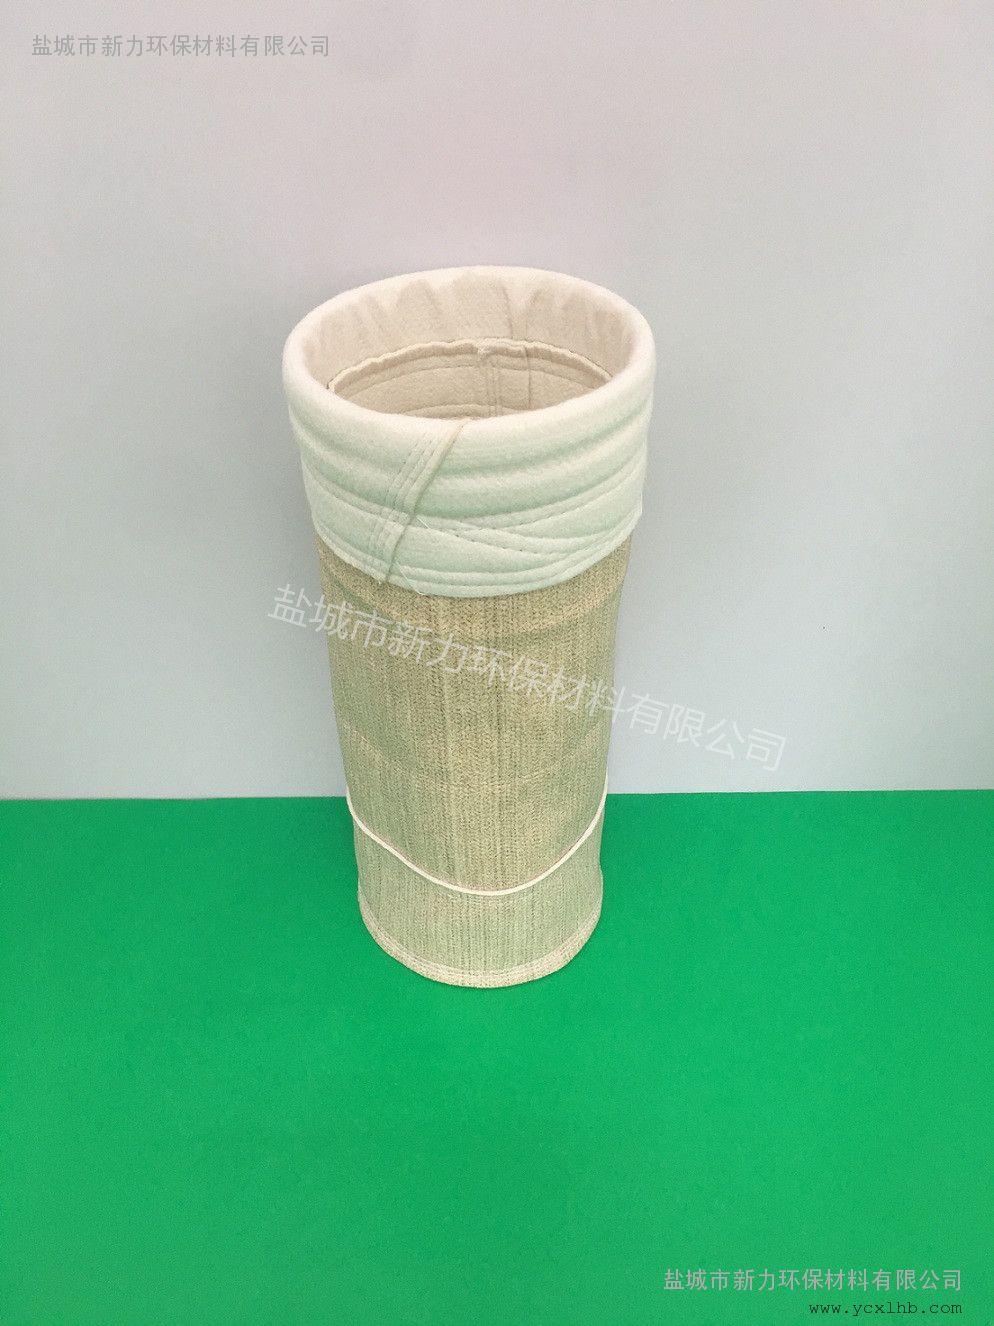 美塔斯 诺梅克斯 芳纶系列除尘过滤袋